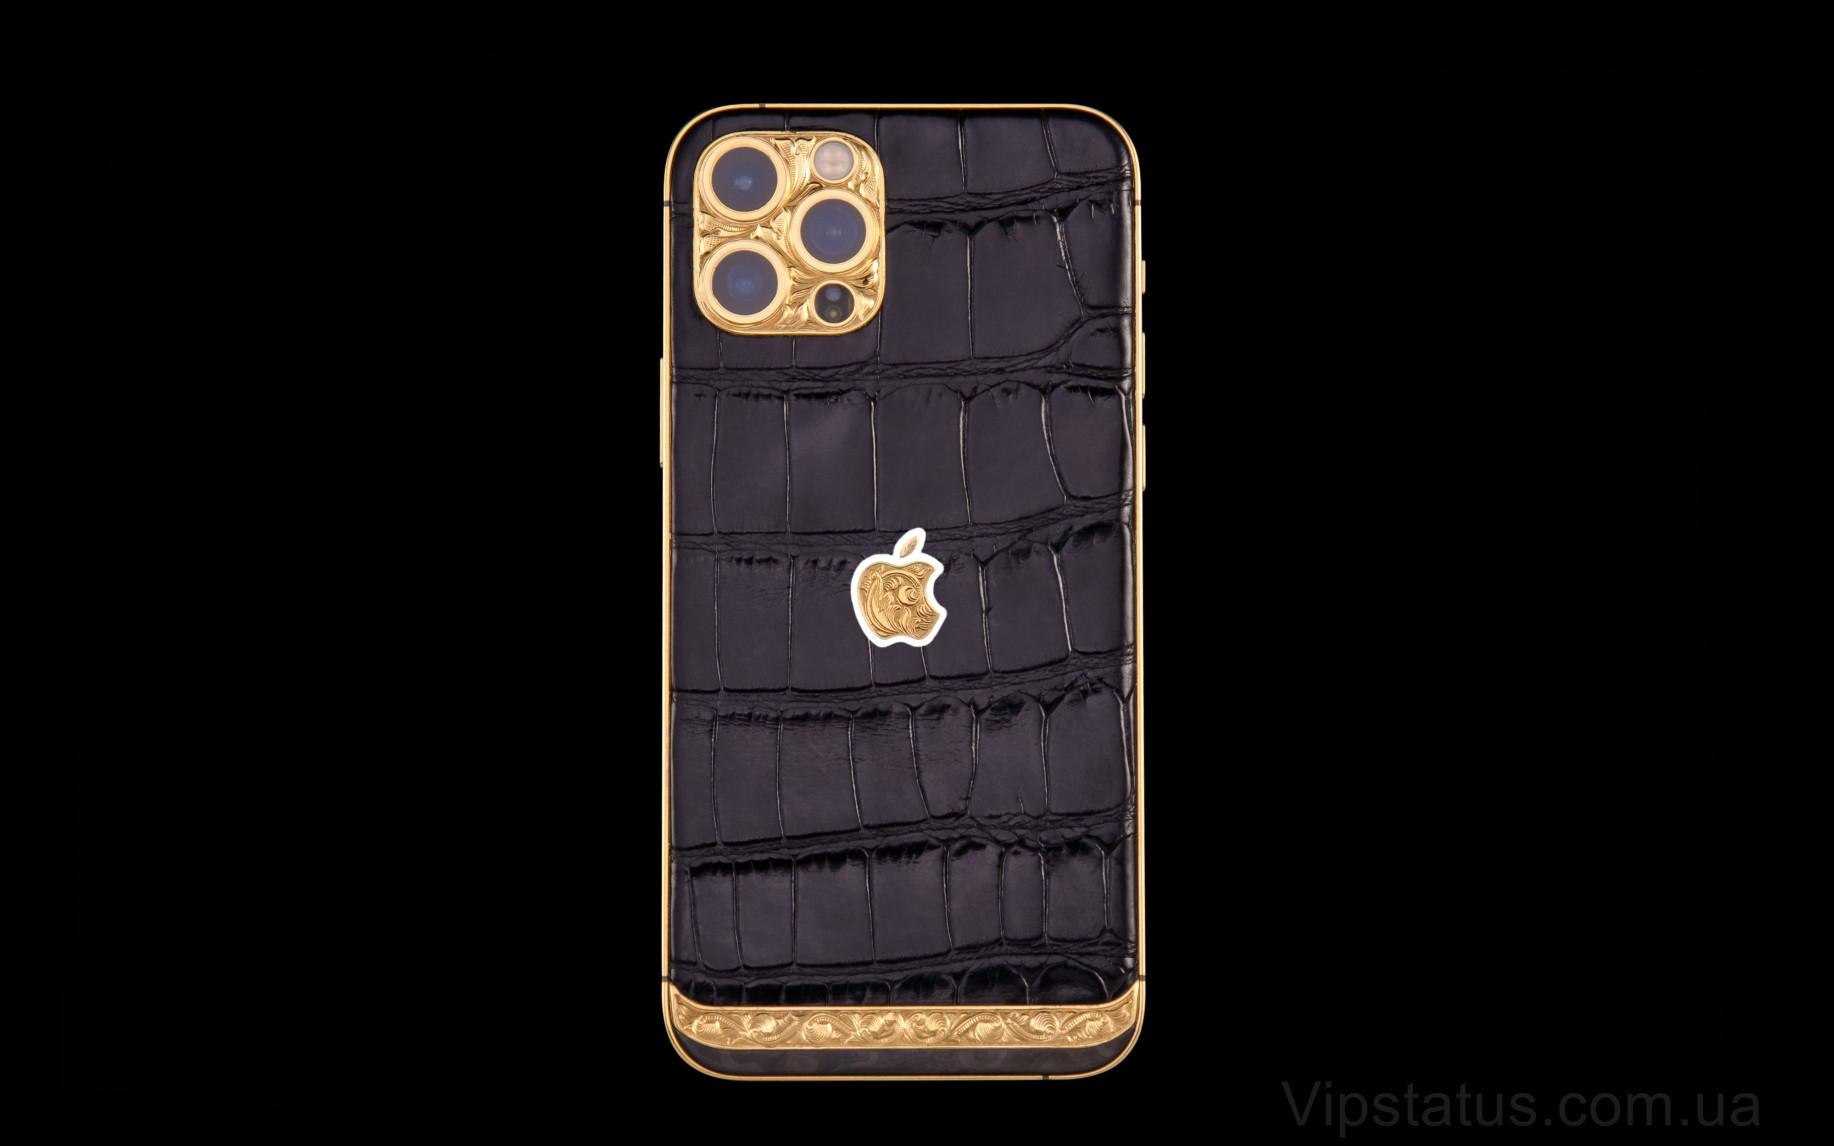 Elite Magic Apple Black IPHONE 12 PRO MAX 512 GB Magic Apple Black IPHONE 12 PRO MAX 512 GB image 9